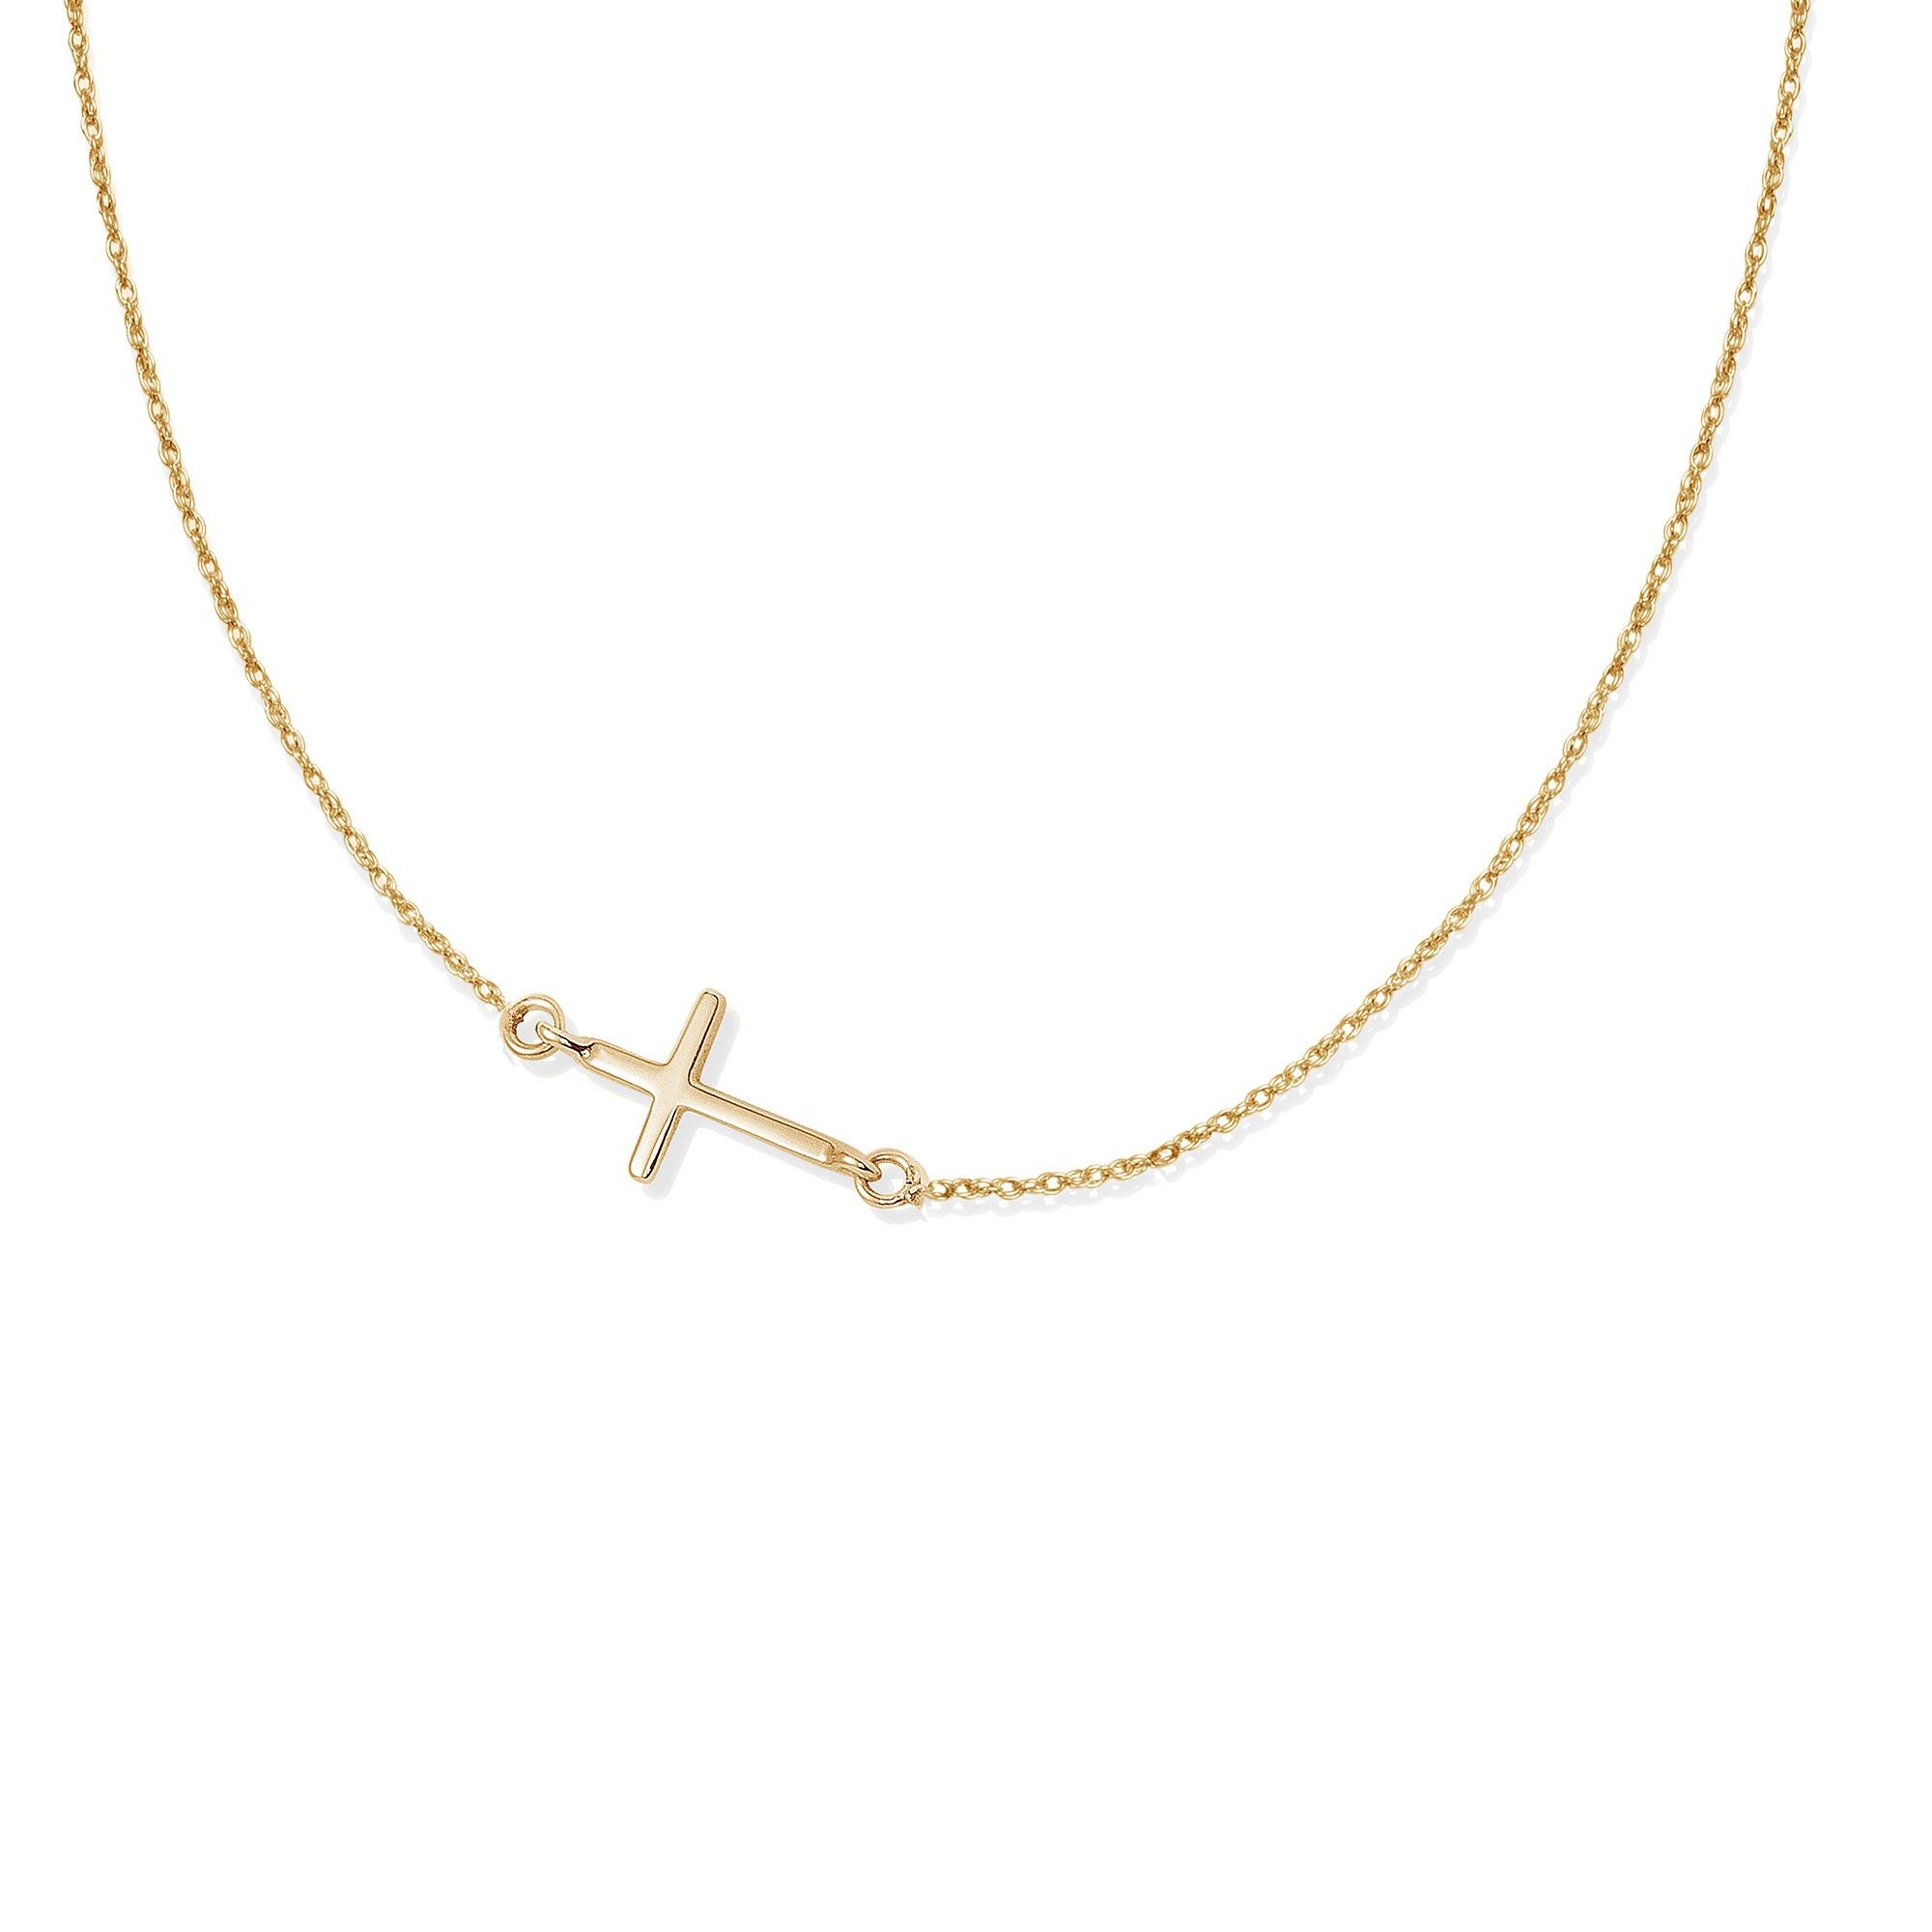 Collier chaîne avec une croix plaquée or